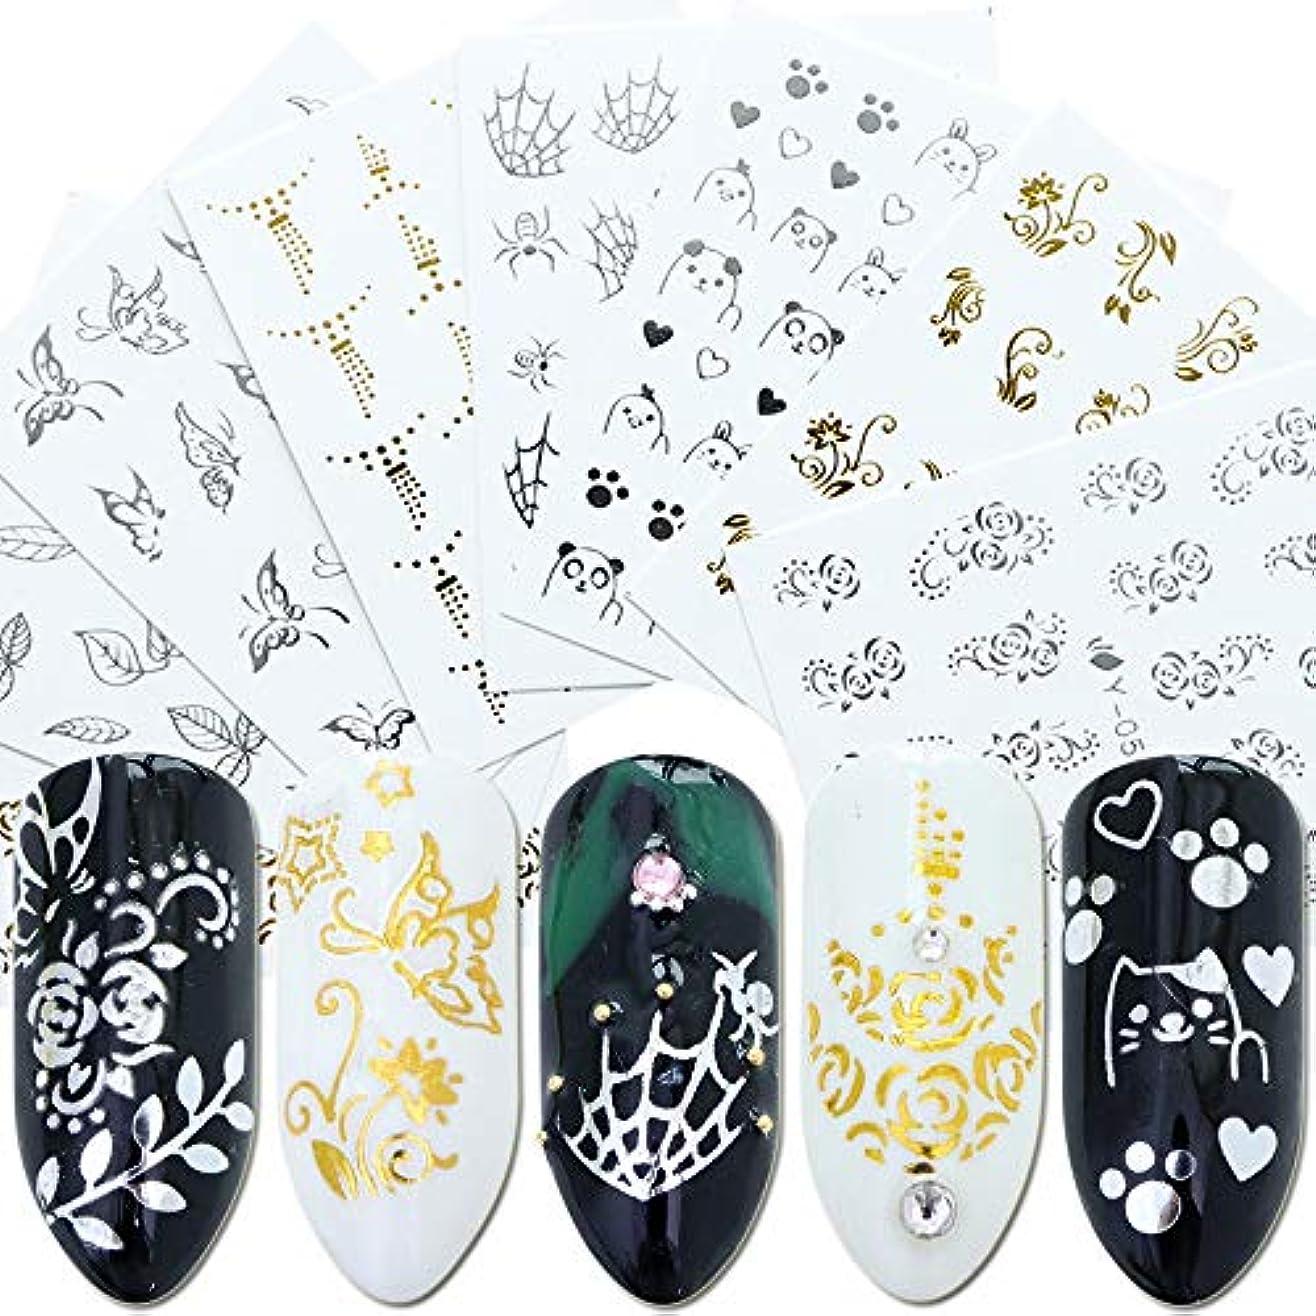 参加者マスク共役SUKTI&XIAO ネイルステッカー 30個ネイルステッカー透かしデカールゴールドシルバー幾何スライダータトゥー光沢のあるラップマニキュア接着剤装飾